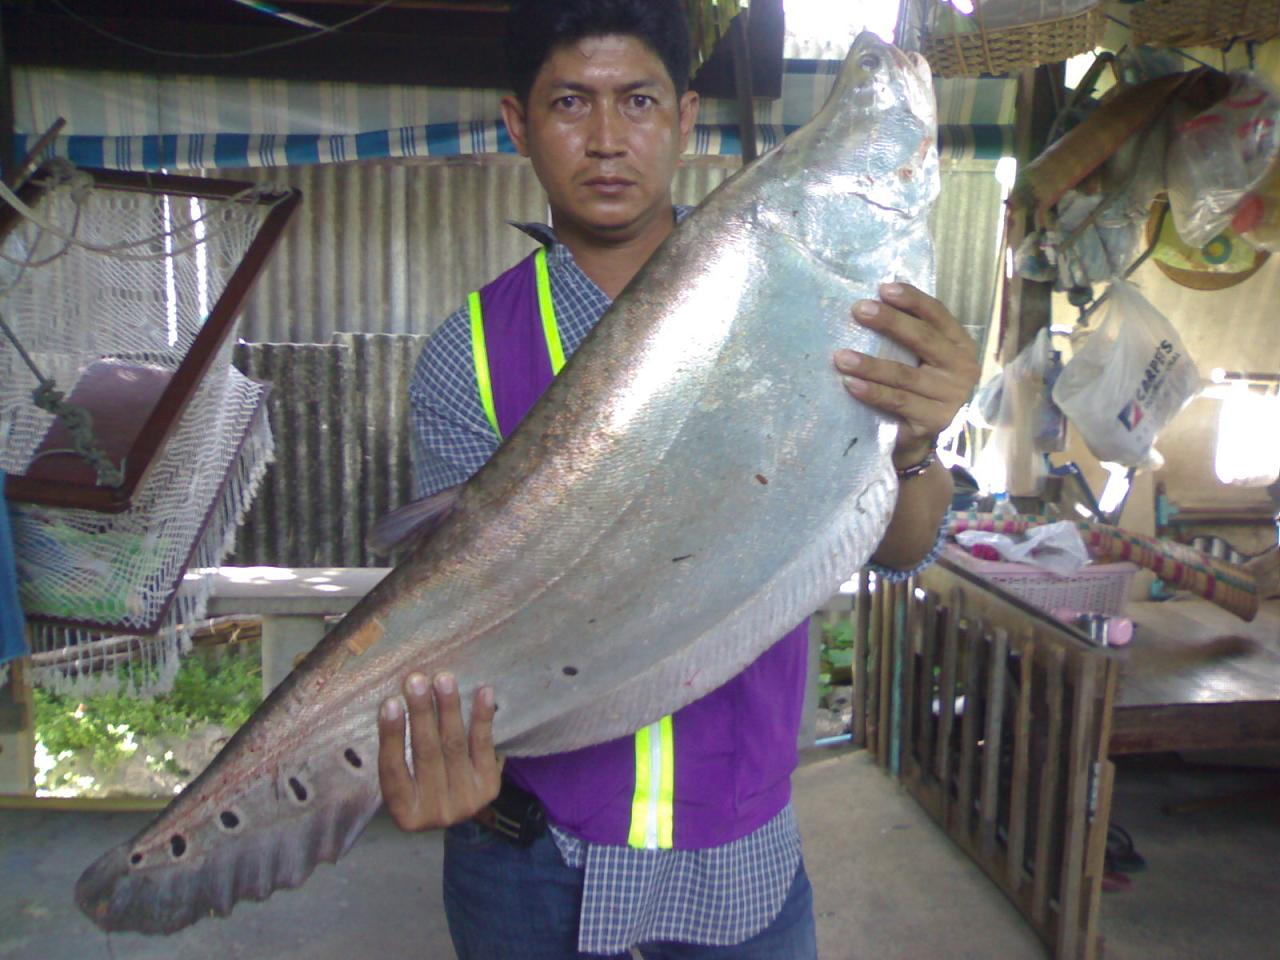 ใครขอสูตรตกปลากราย..เข้ามาดูครับ